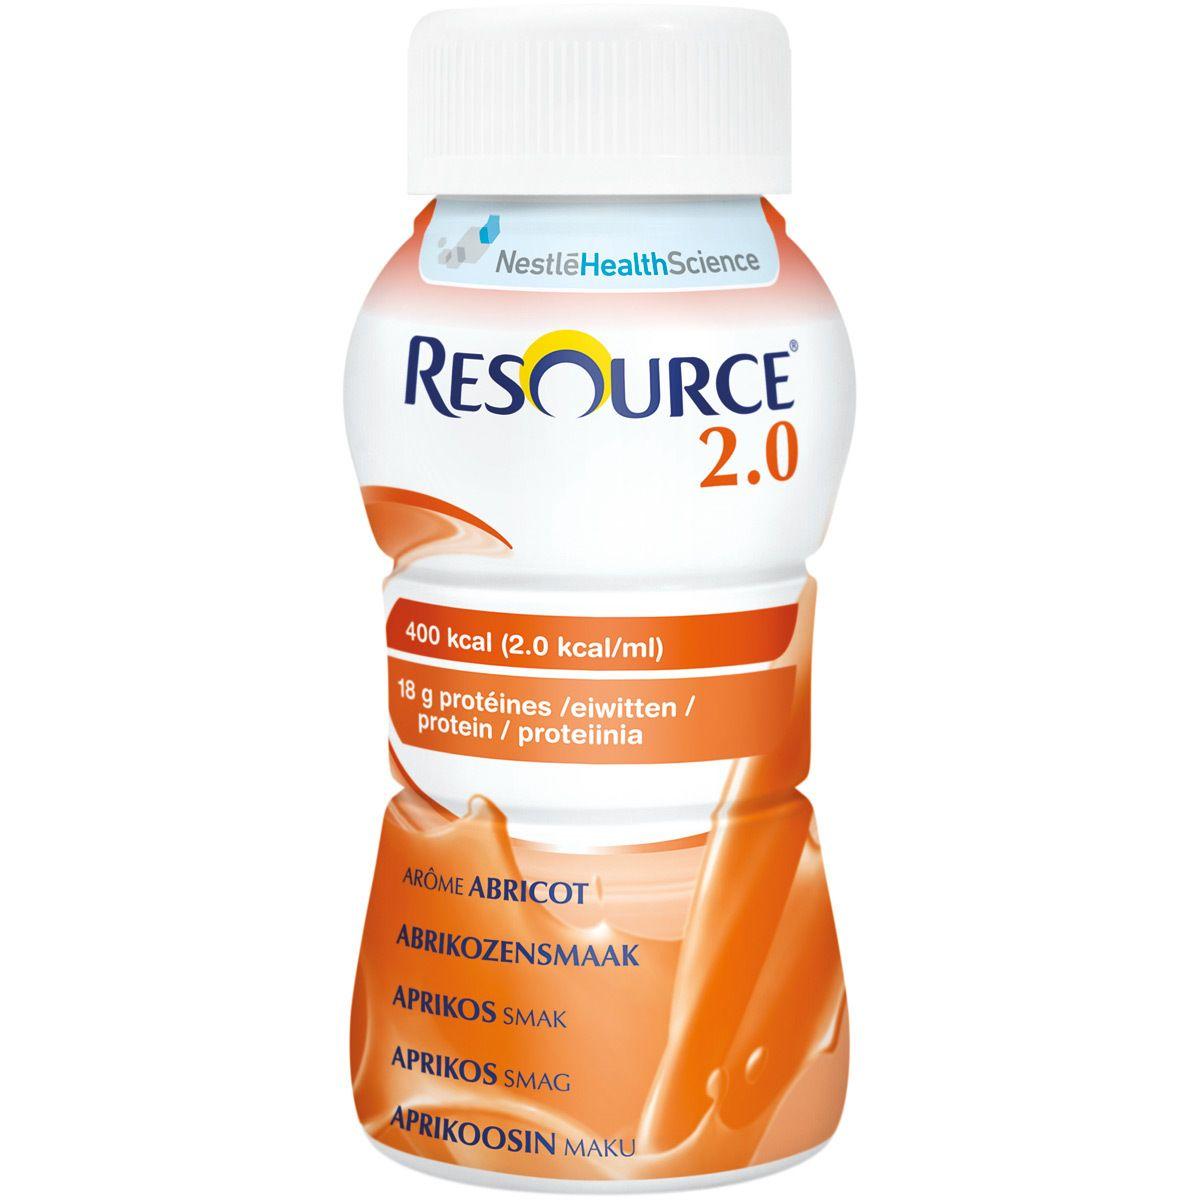 resource näringsdryck innehåll